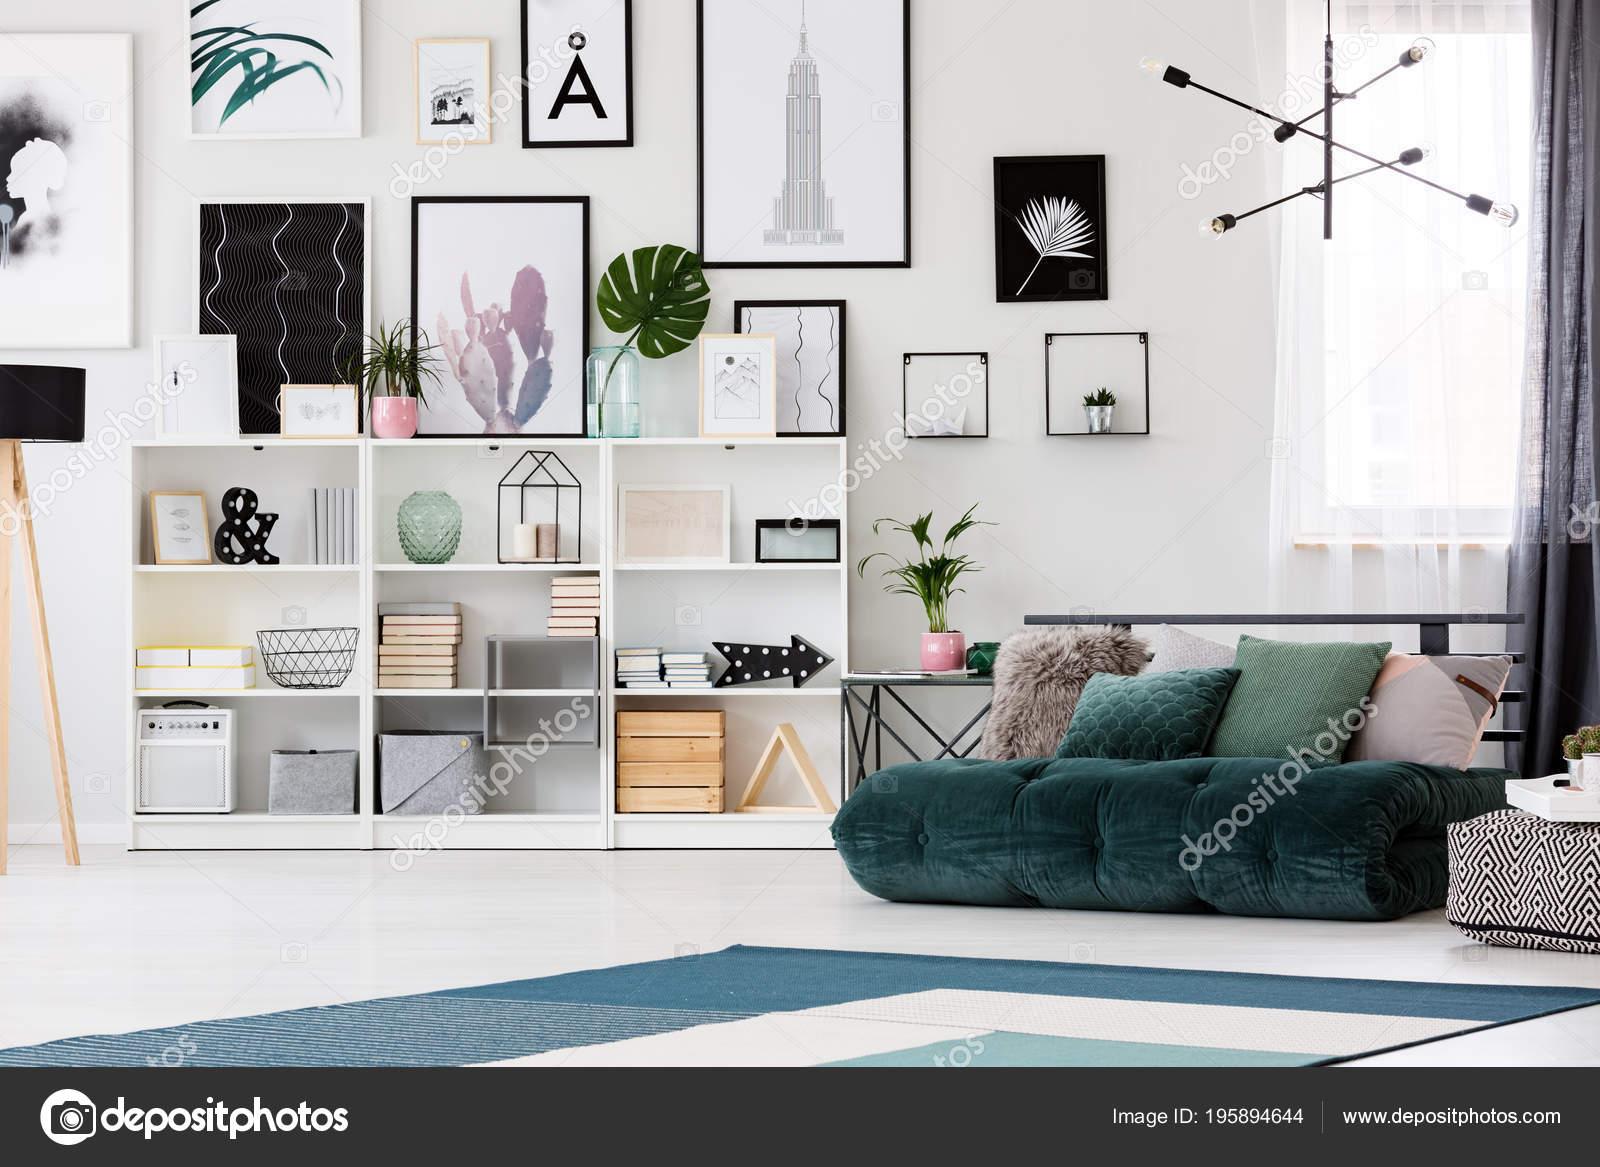 Planken Tegen Muur.Lamp Boven Groen Futon Met Kussens Naast Planken Tegen Muur